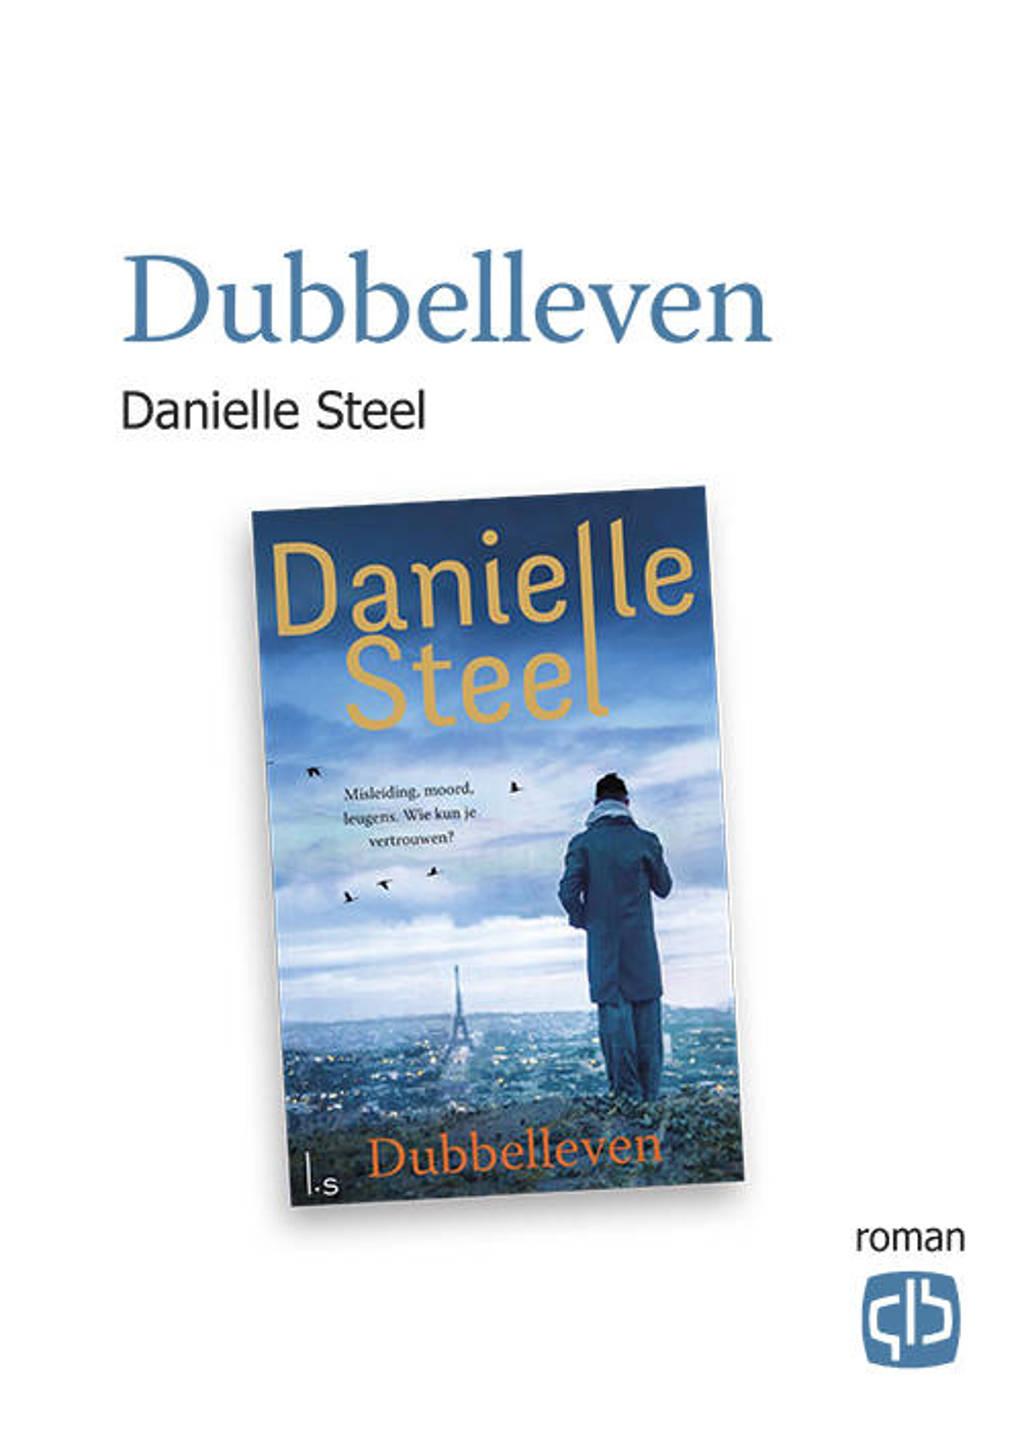 Dubbelleven - Danielle Steel